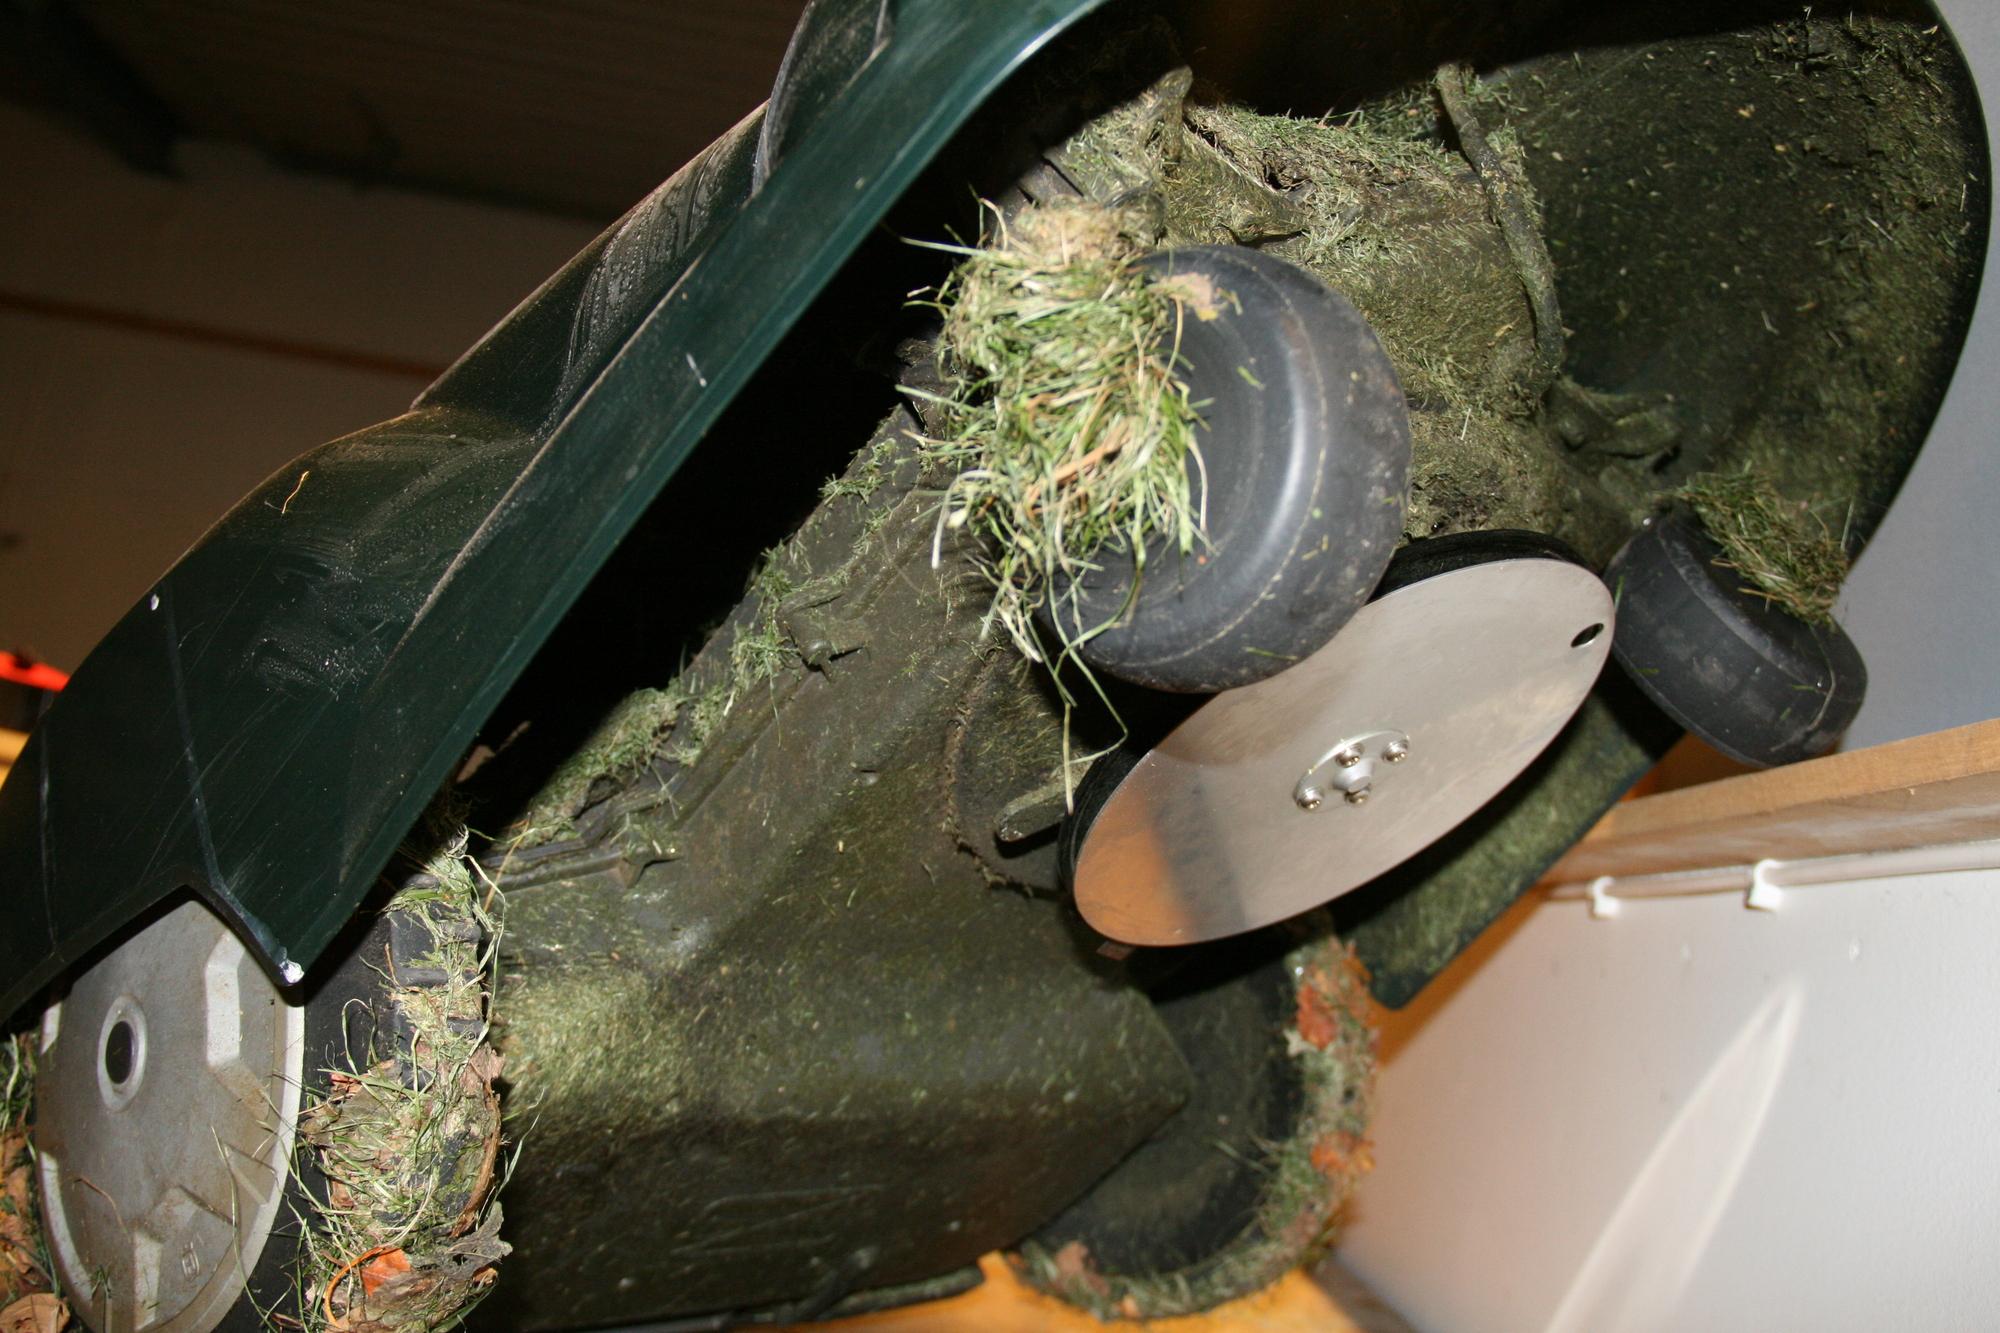 Dags för service och underhåll av din Husqvarna Automater. Vi utför knivbyte och vinterförvarar din gräsklippare.